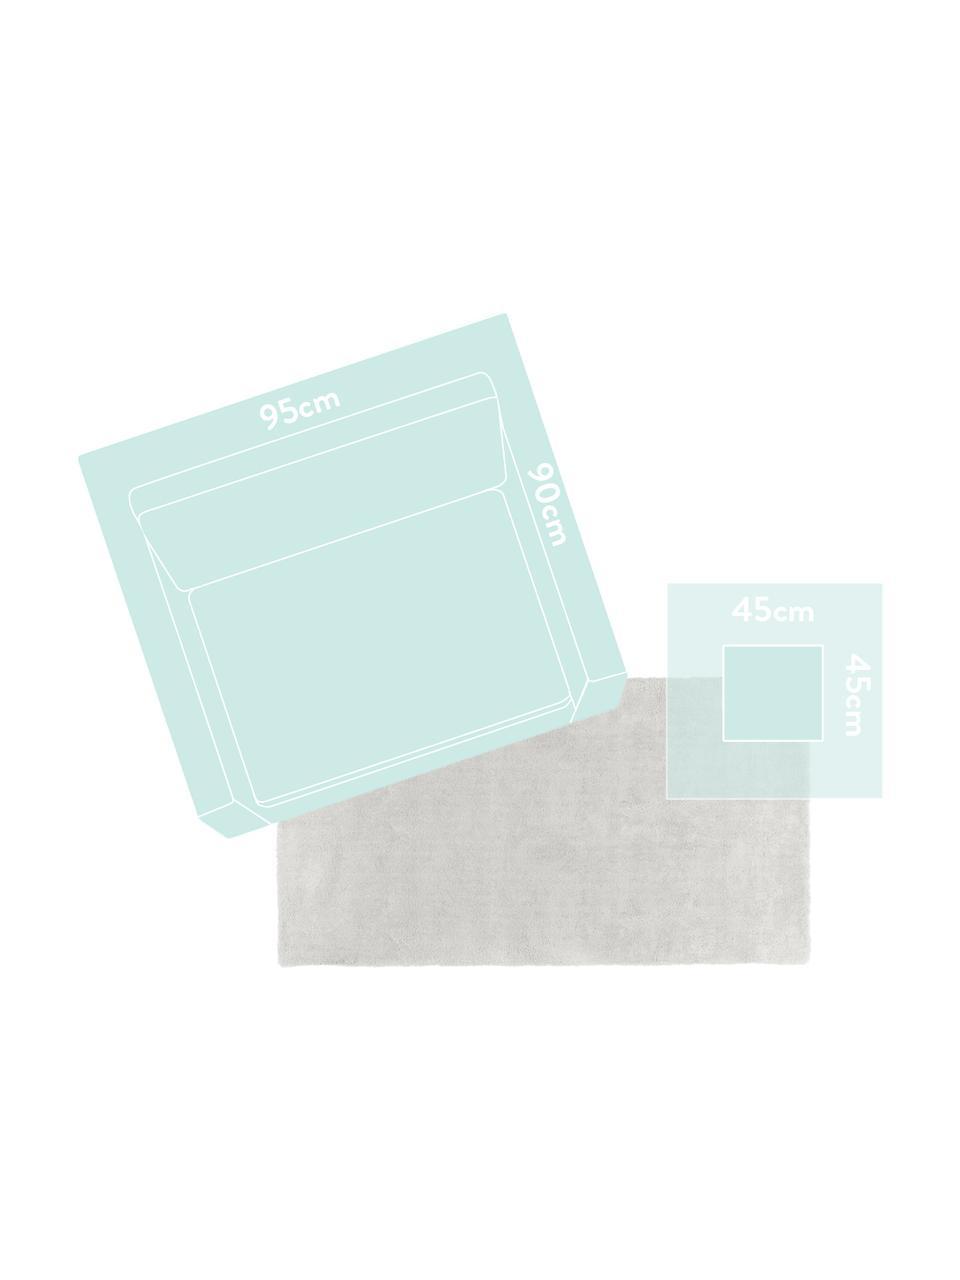 Flauschiger Hochflor-Teppich Leighton in Hellgrau-Beige, Flor: Mikrofaser (100% Polyeste, Hellgrau-Beige, B 200 x L 300 cm (Größe L)